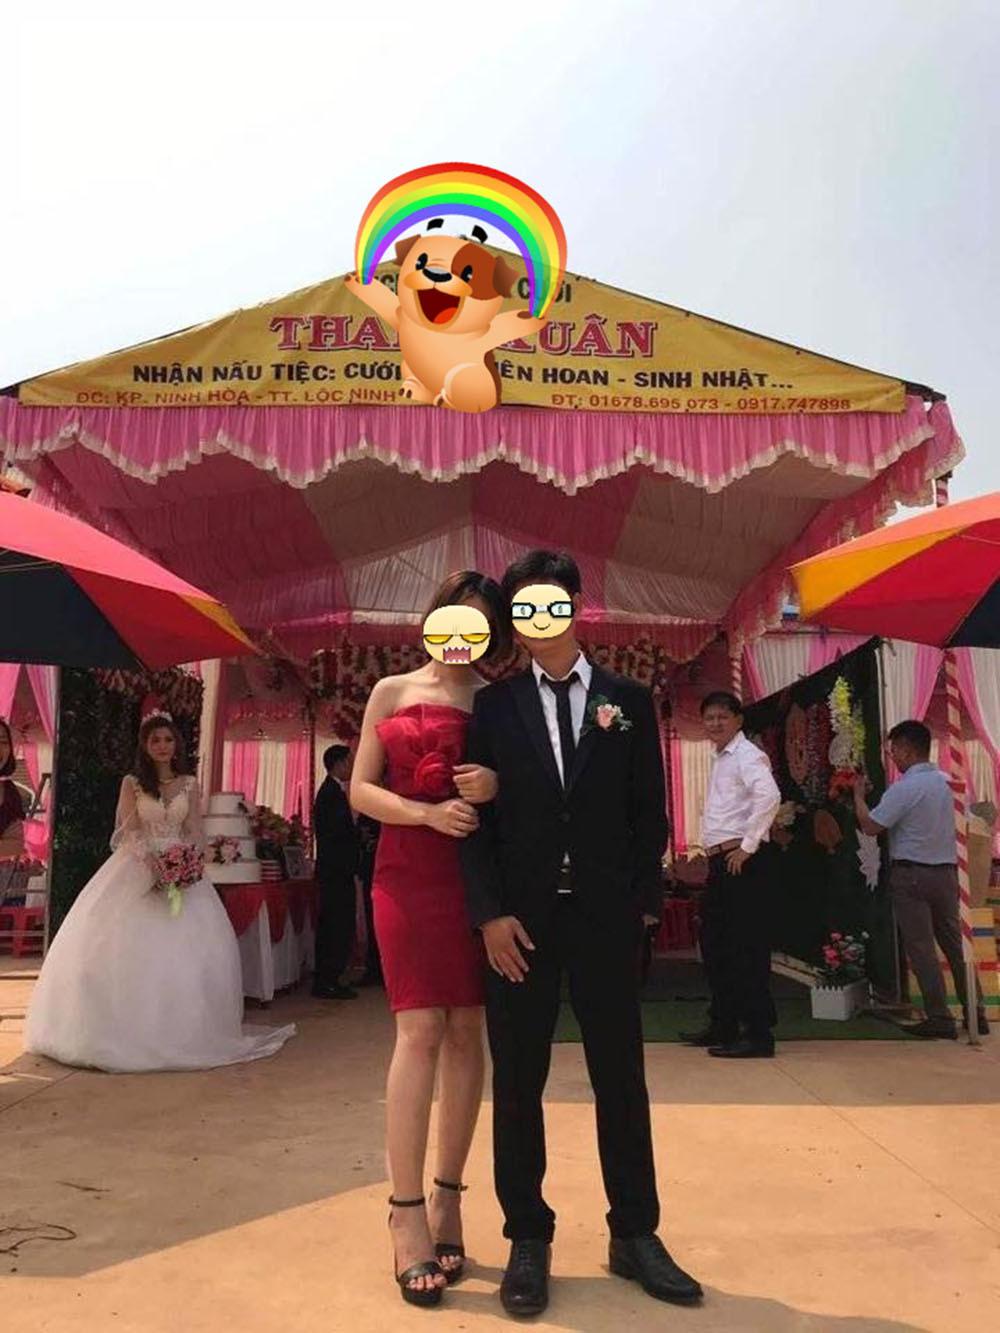 Sự thật bức ảnh chú rể chụp cùng người yêu cũ bỏ mặc cô dâu 1